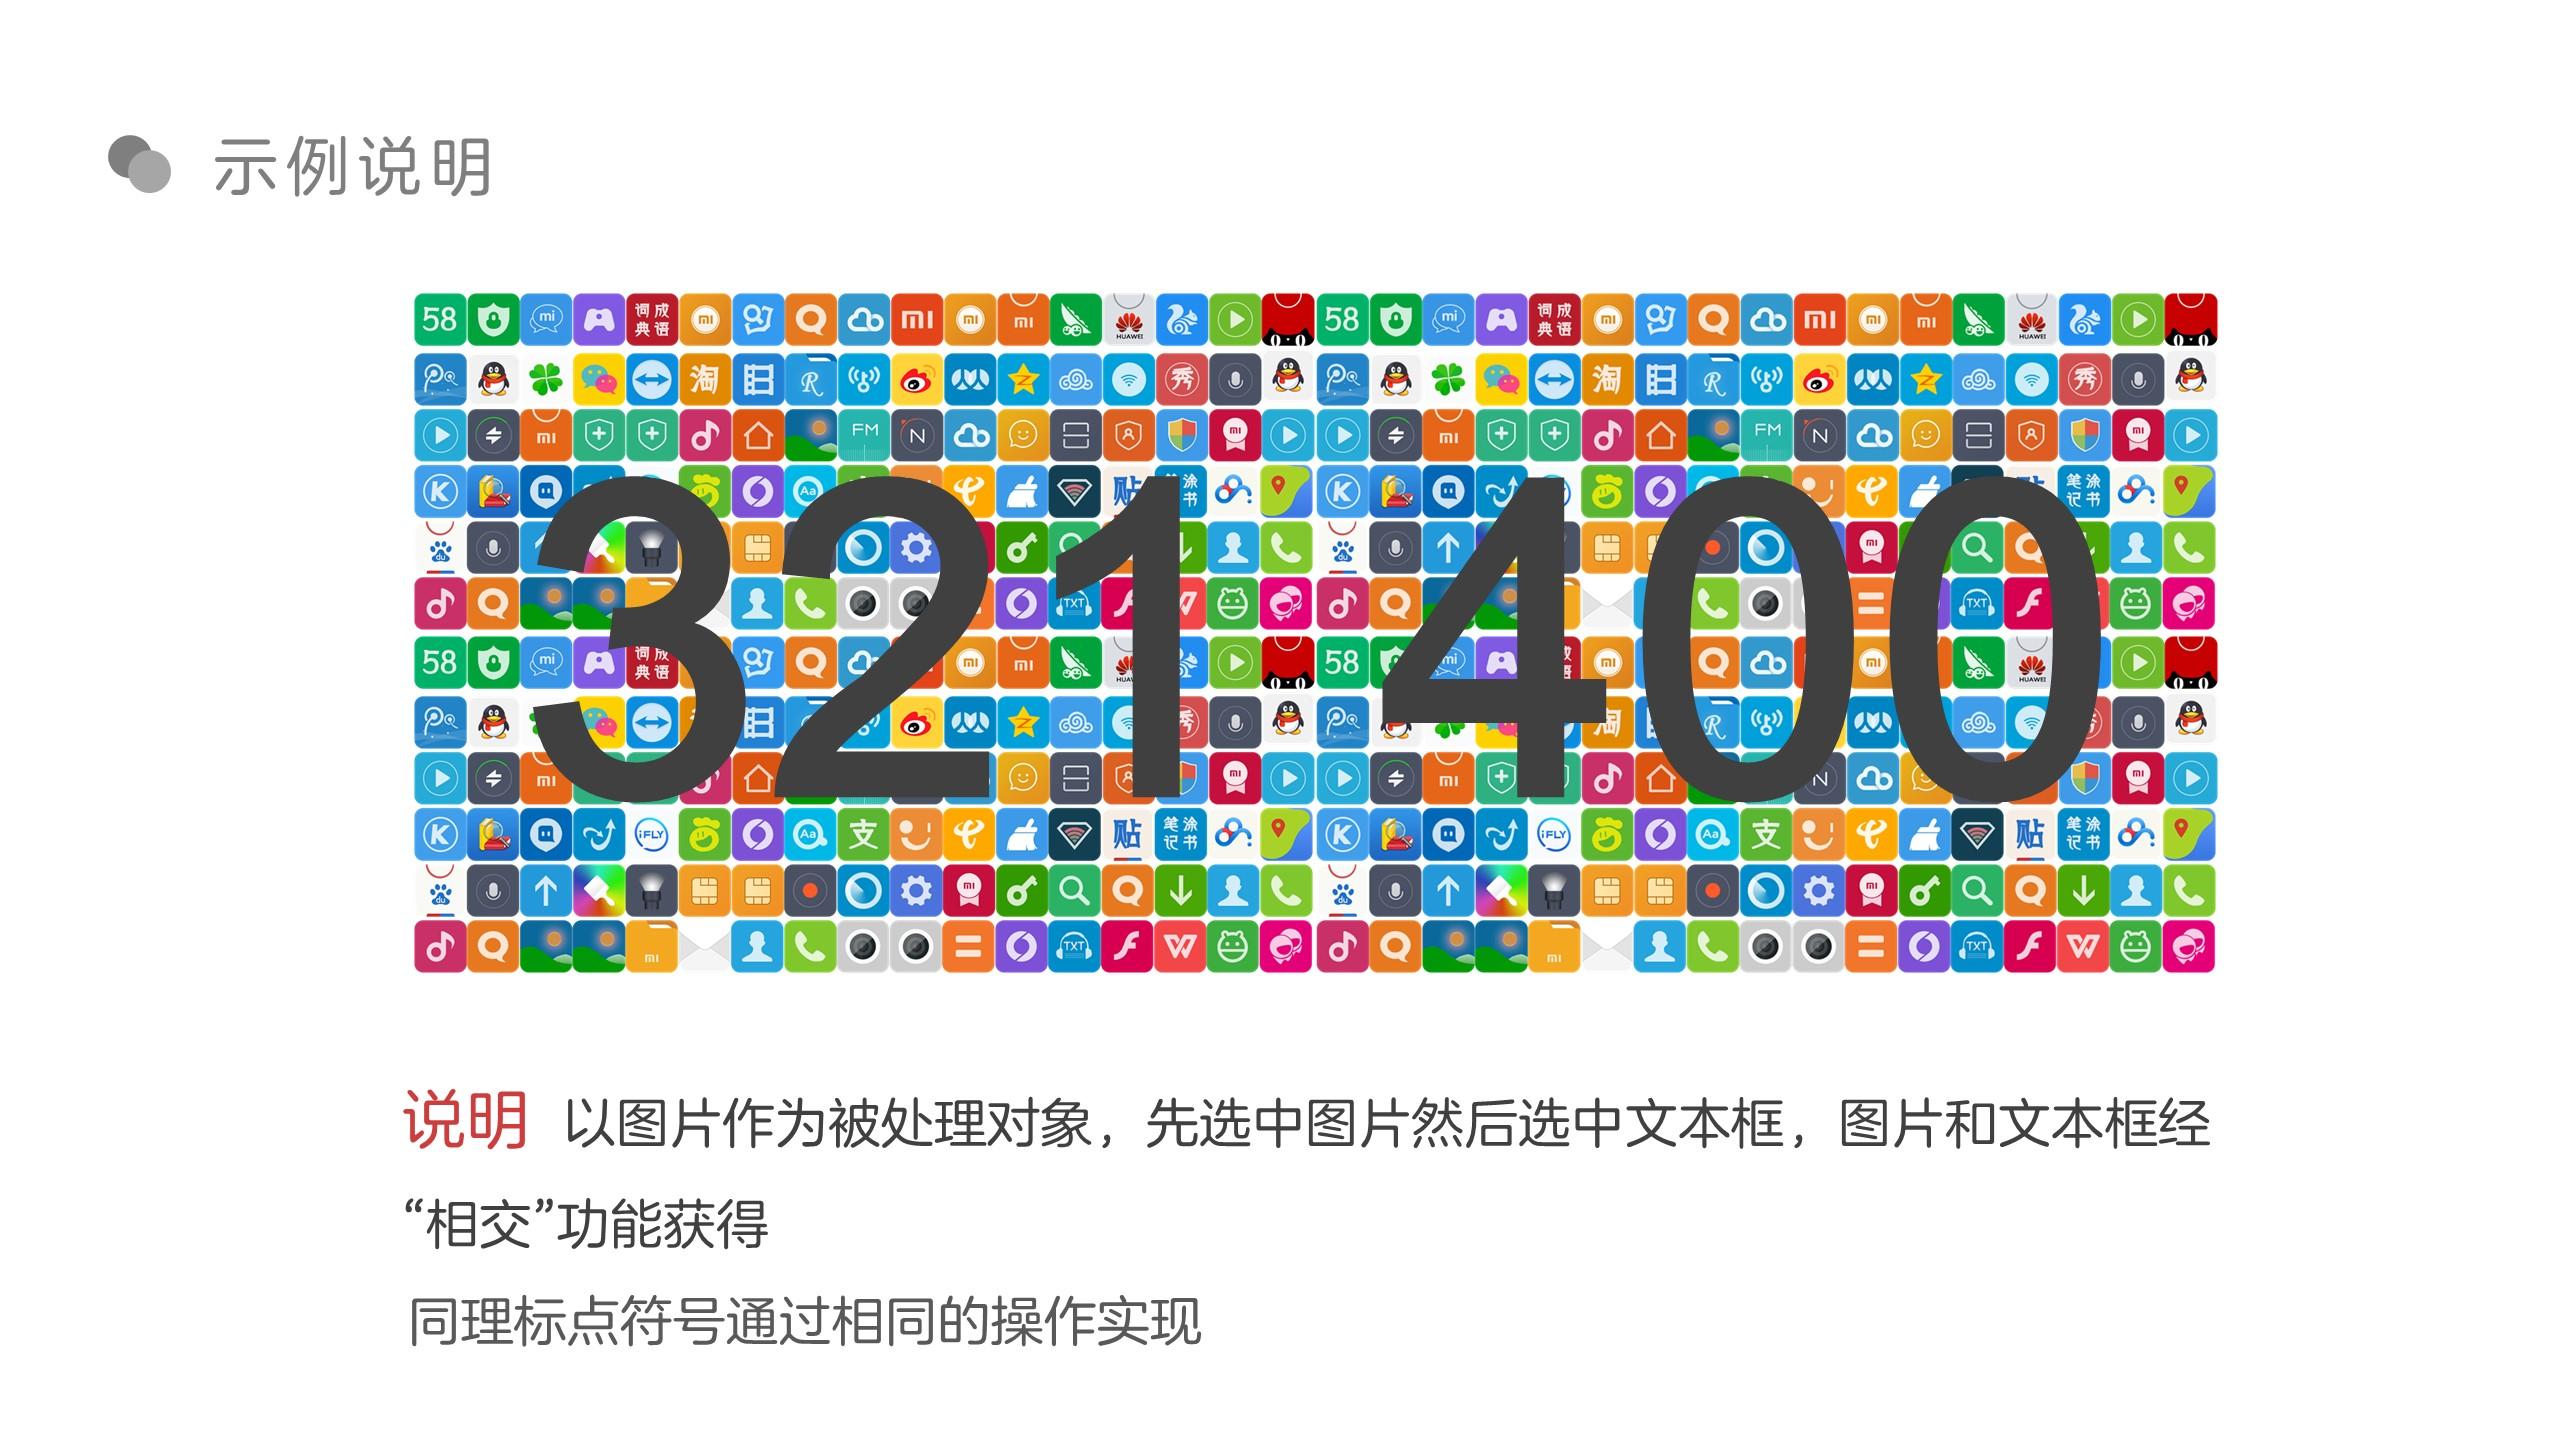 幻灯片中的布尔运算-19